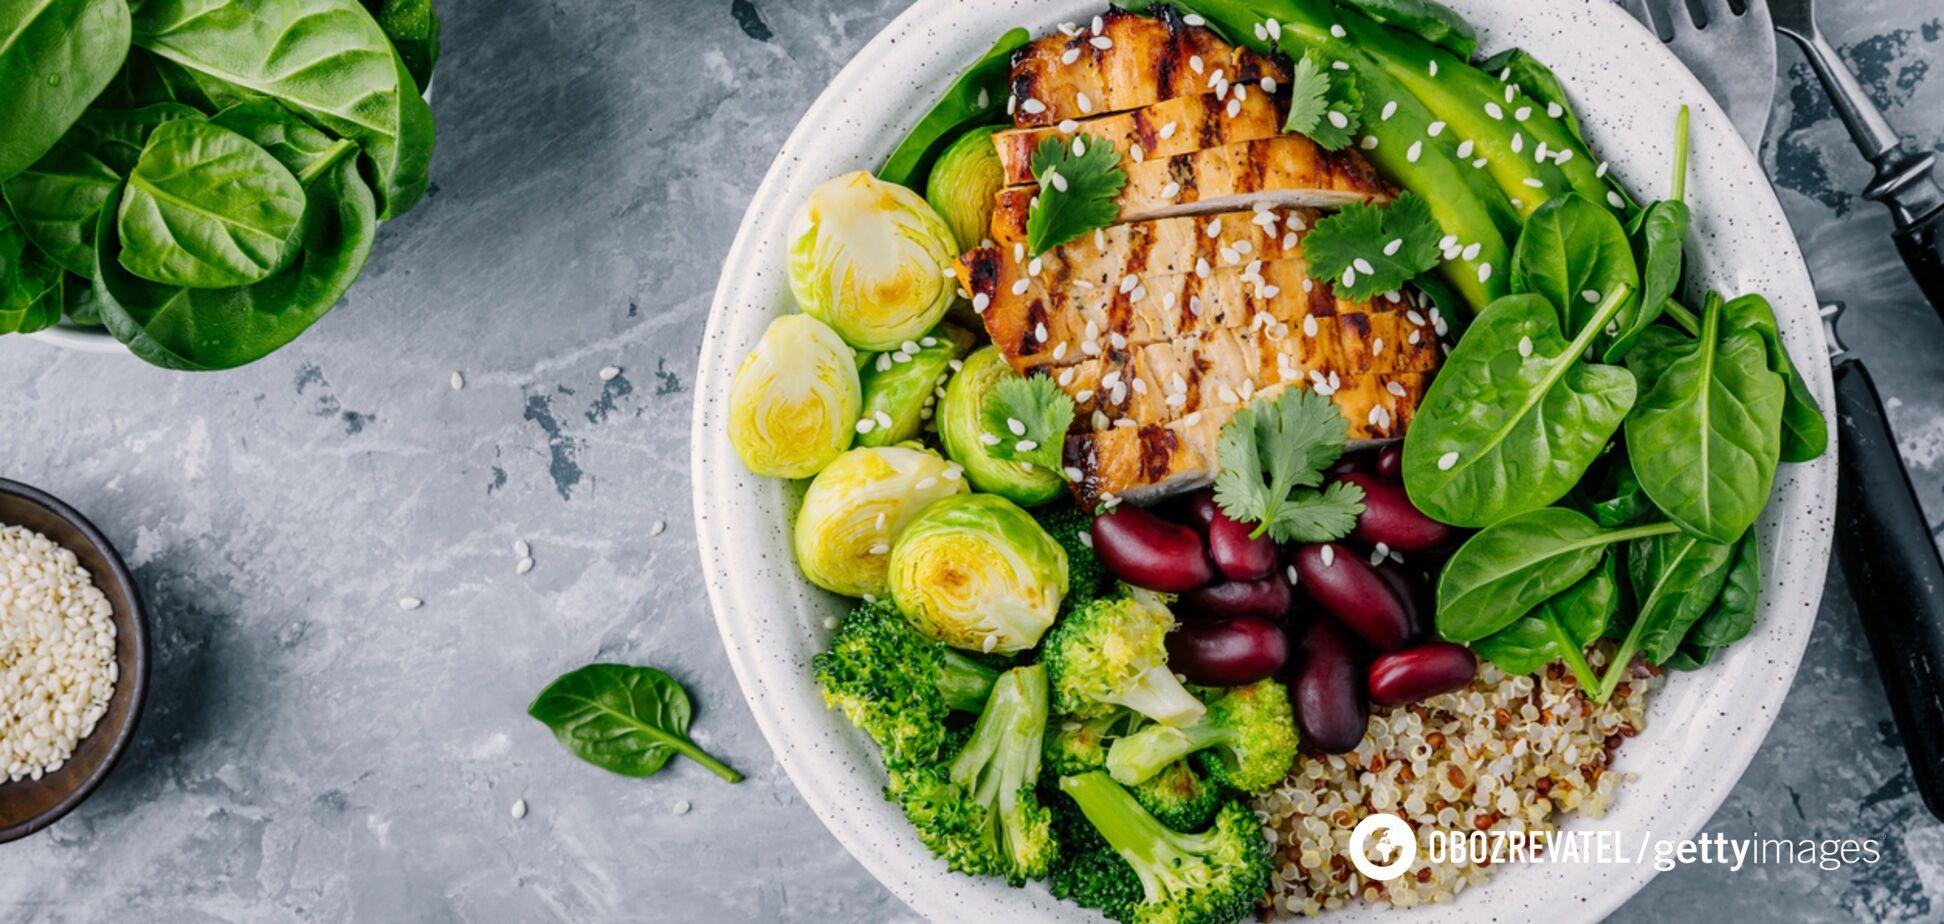 Преимущества медленного питания: озвучены главные рекомендации